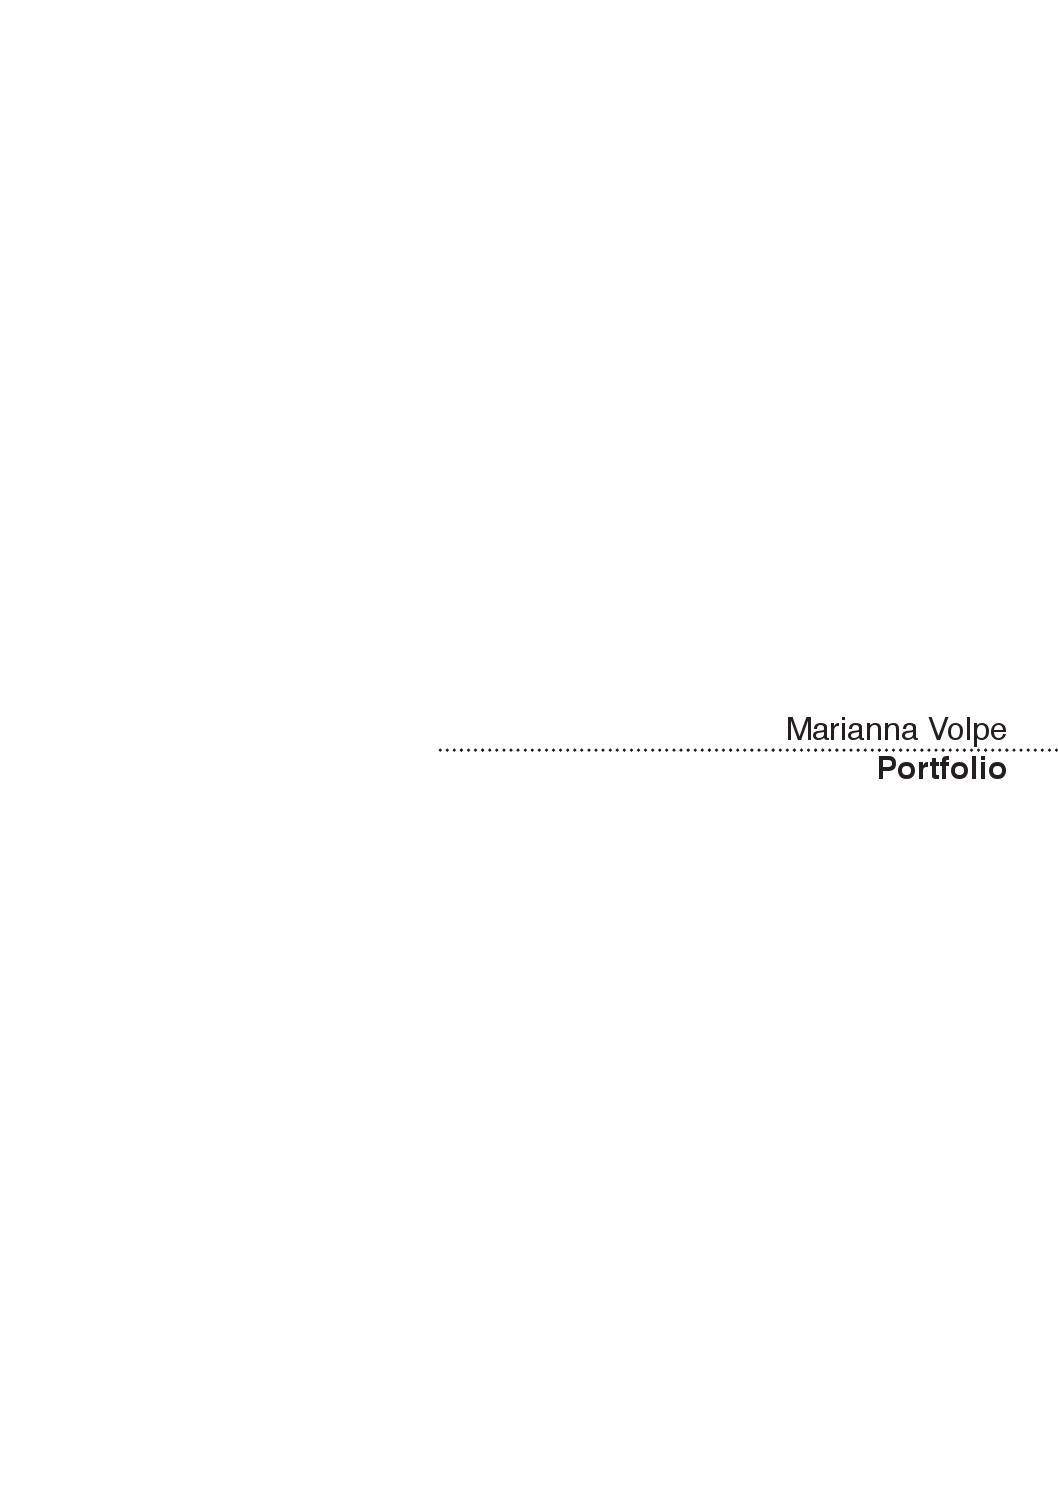 marianna volpe portfolio fran u00e7ais by marianna volpe